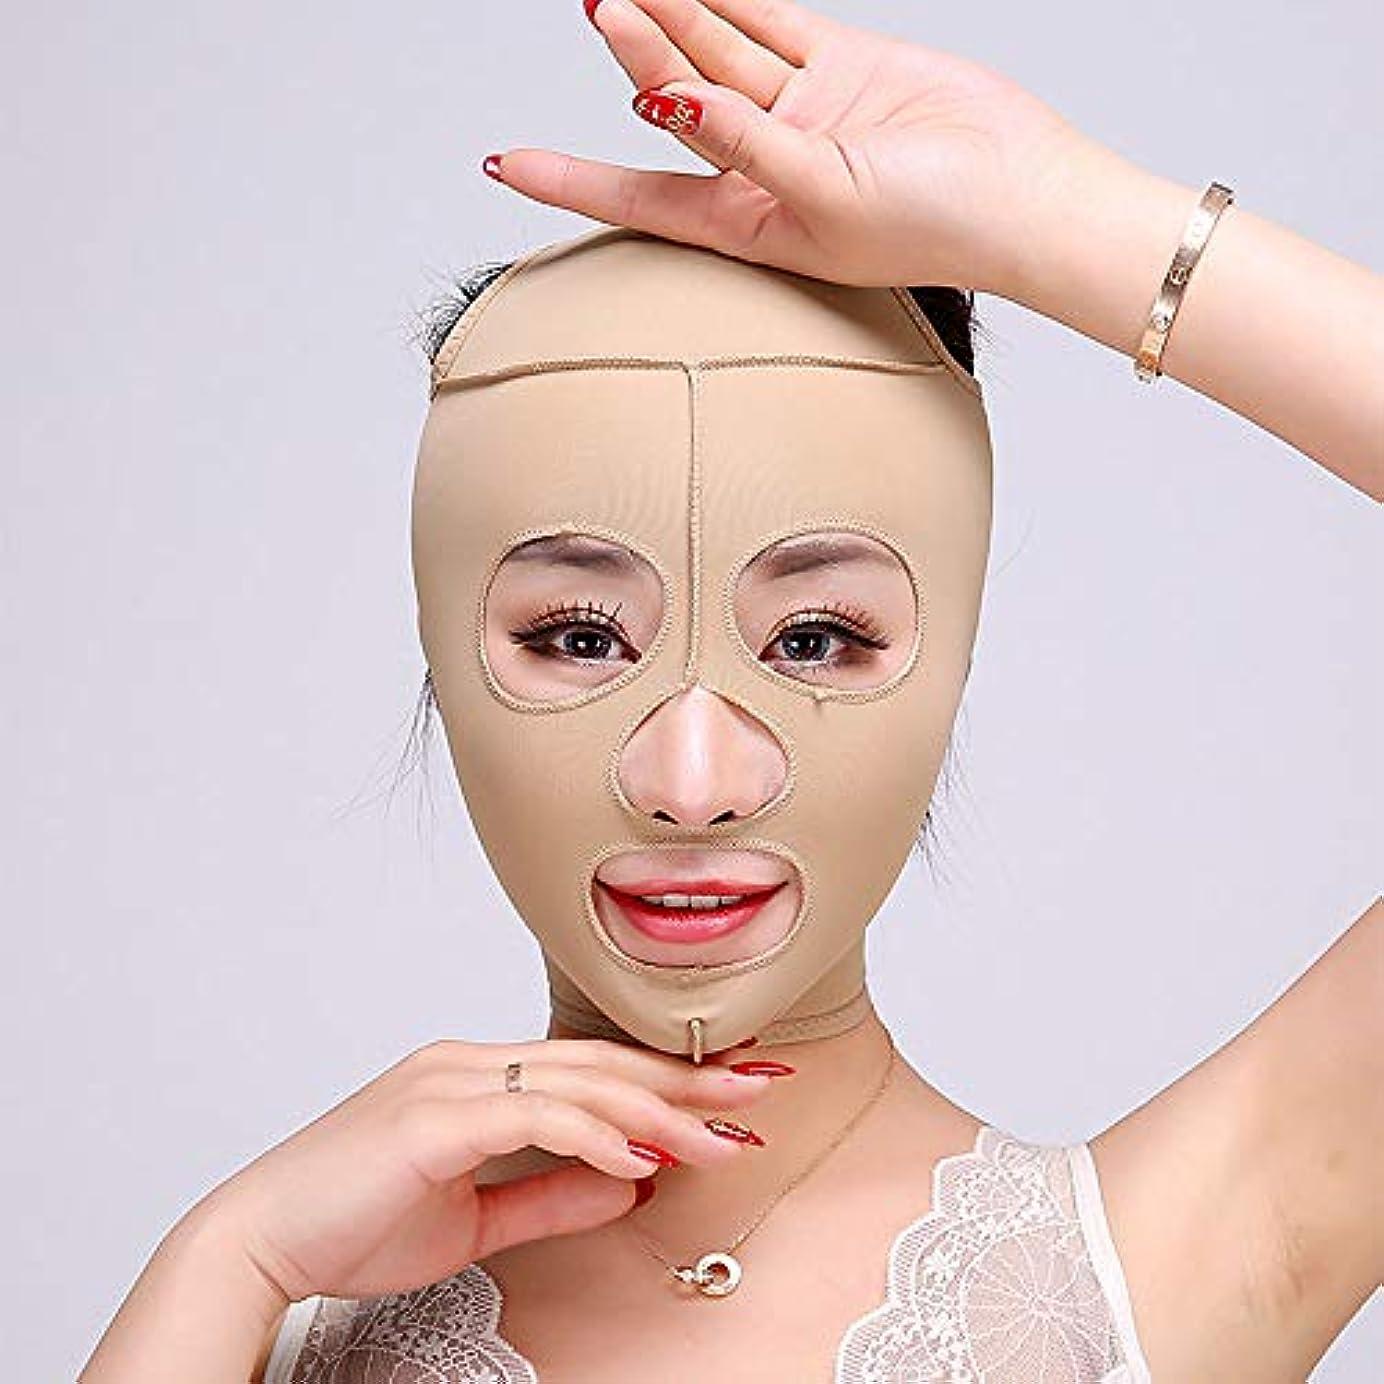 自体製造刺します肌に優しい睡眠薄いフェイス包帯、小さなVフェイス包帯/フェイスマスク/リフティングフェイス引き締め改装二重あご(カラー)